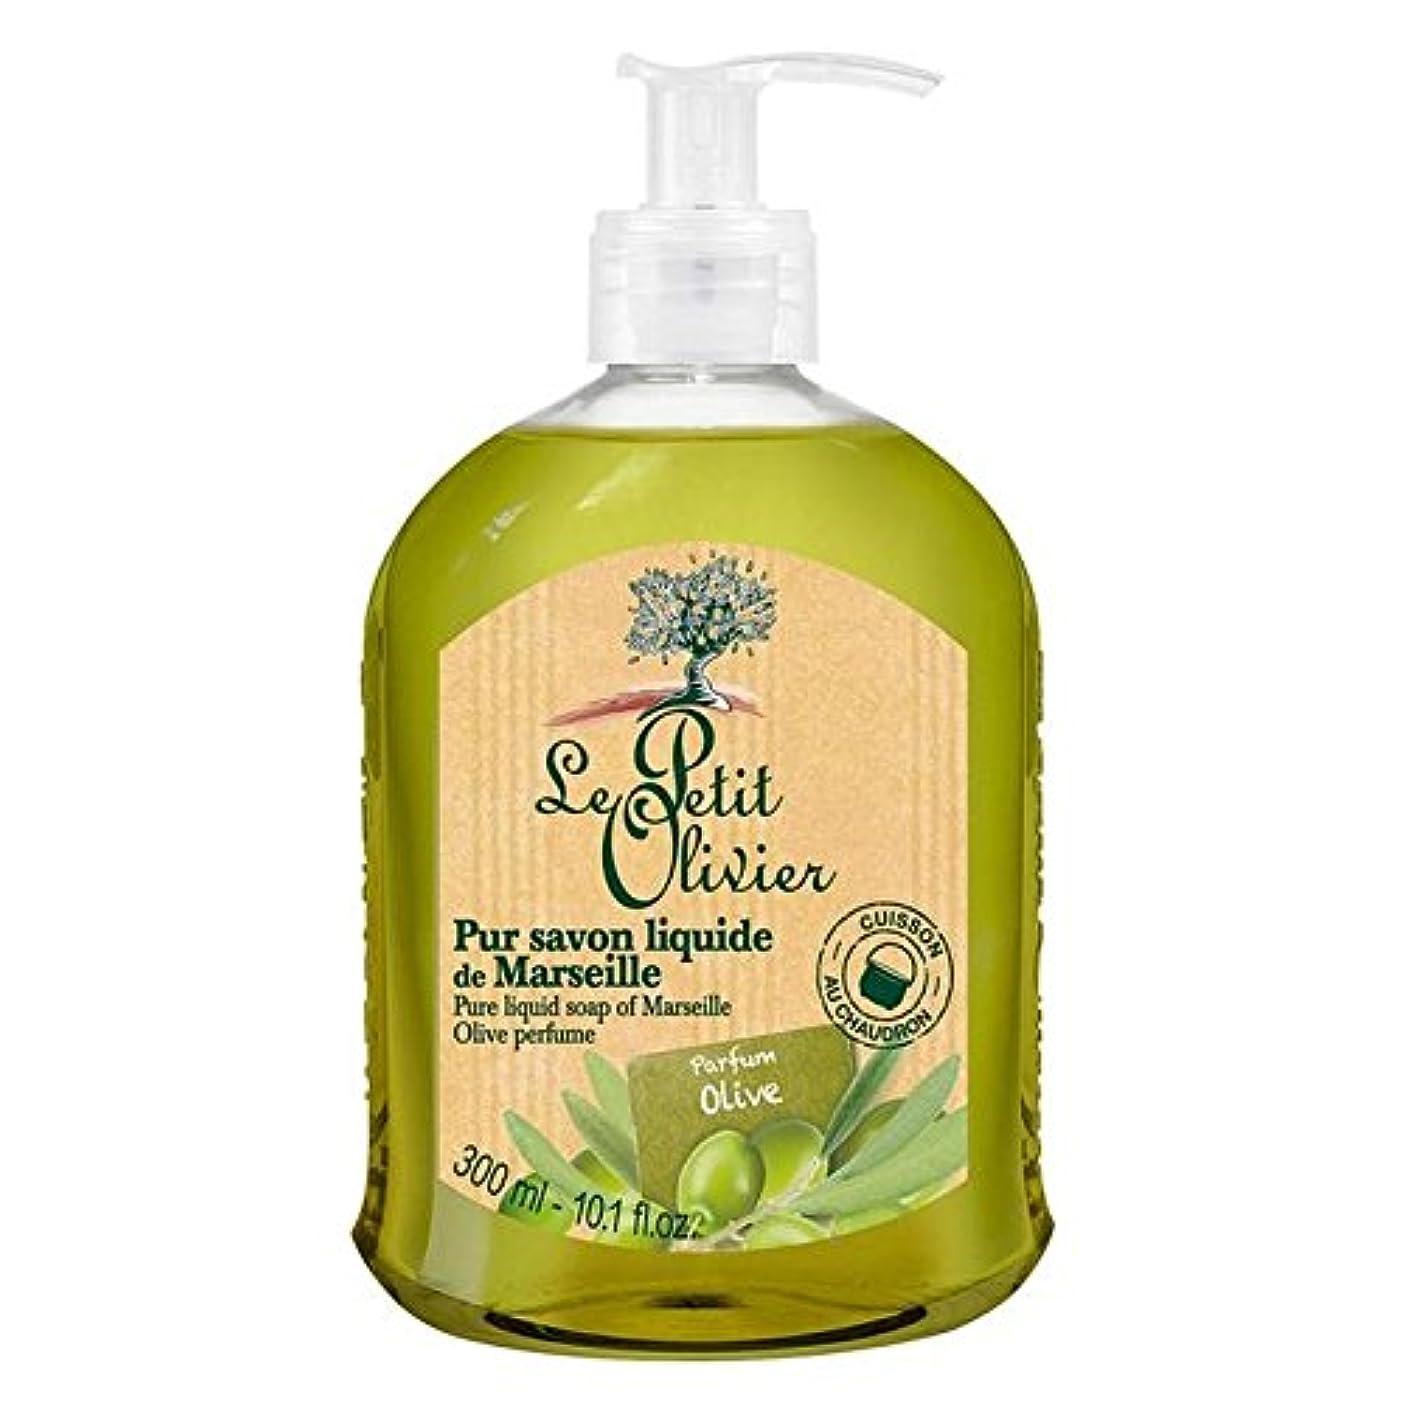 つらい信頼性花瓶マルセイユのル?プティ?オリヴィエ純粋な液体石鹸、オリーブオイル300ミリリットル x2 - Le Petit Olivier Pure Liquid Soap of Marseille, Olive Oil 300ml...